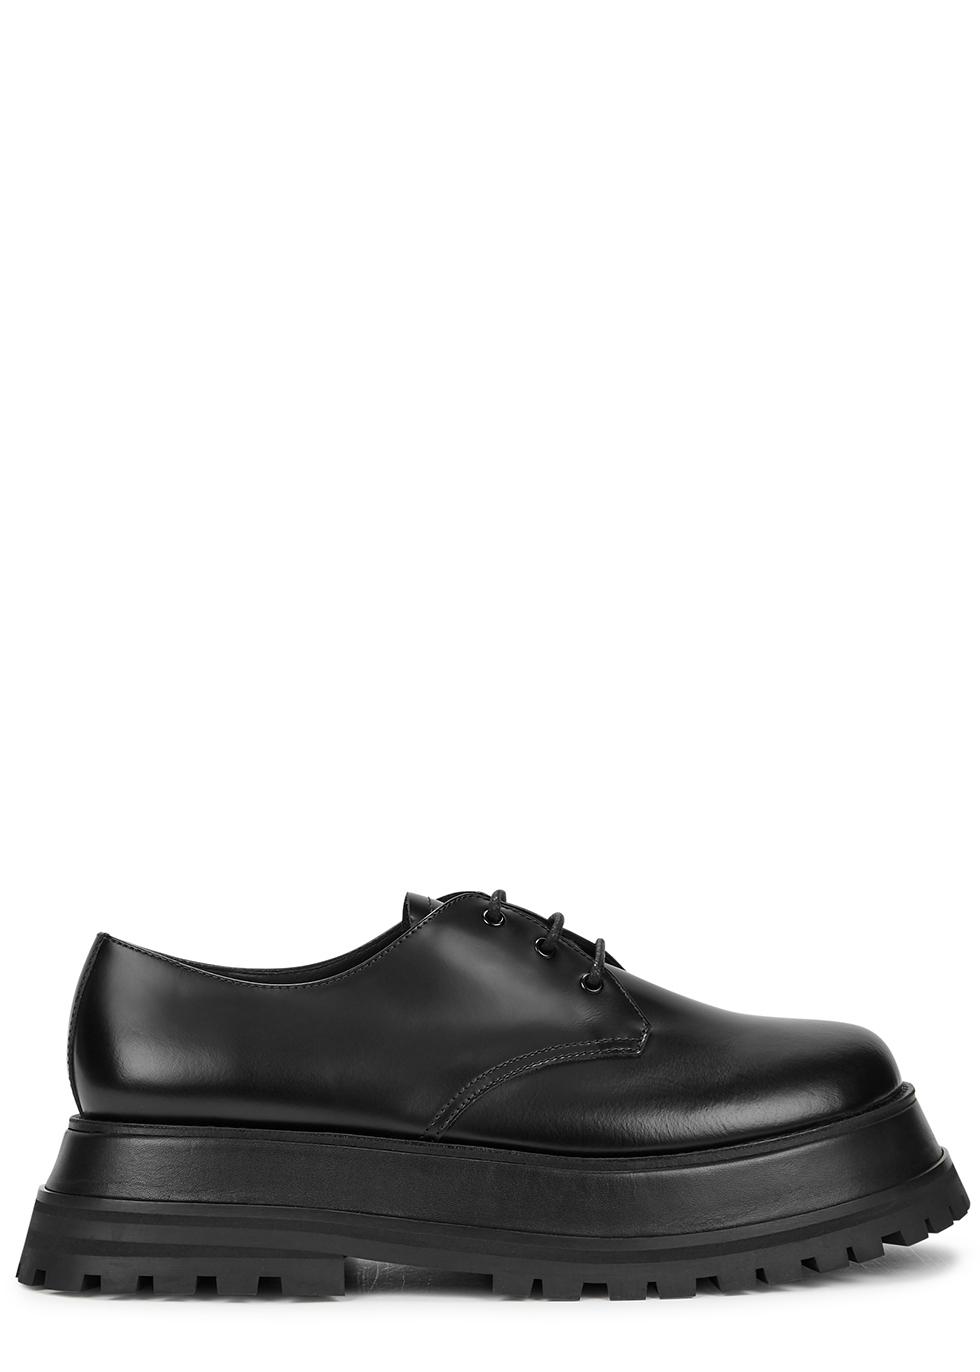 Guild 50 black leather flatform Derby shoes